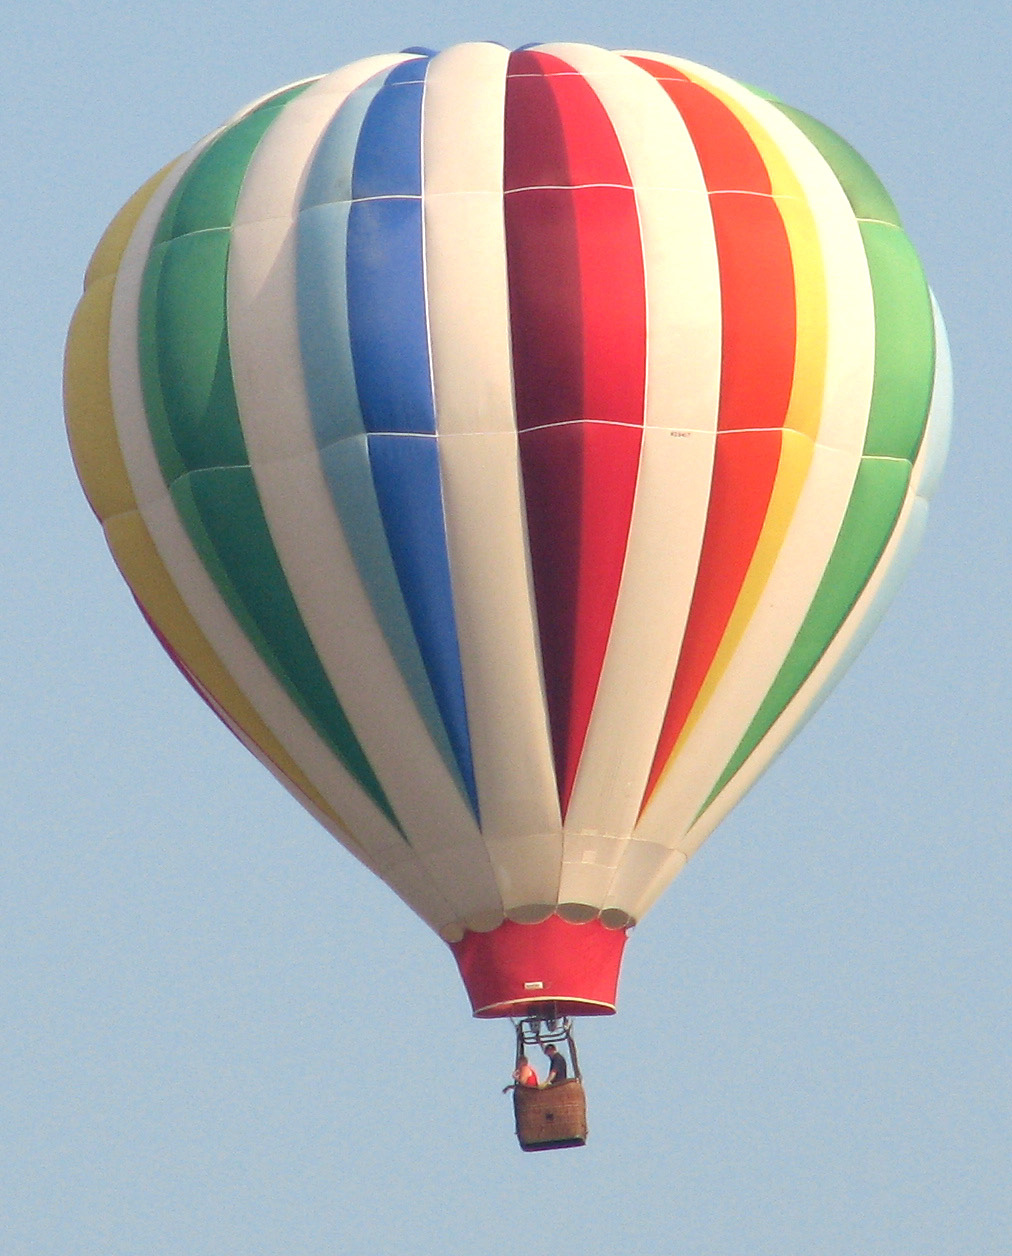 Balloon Balloon.jpg